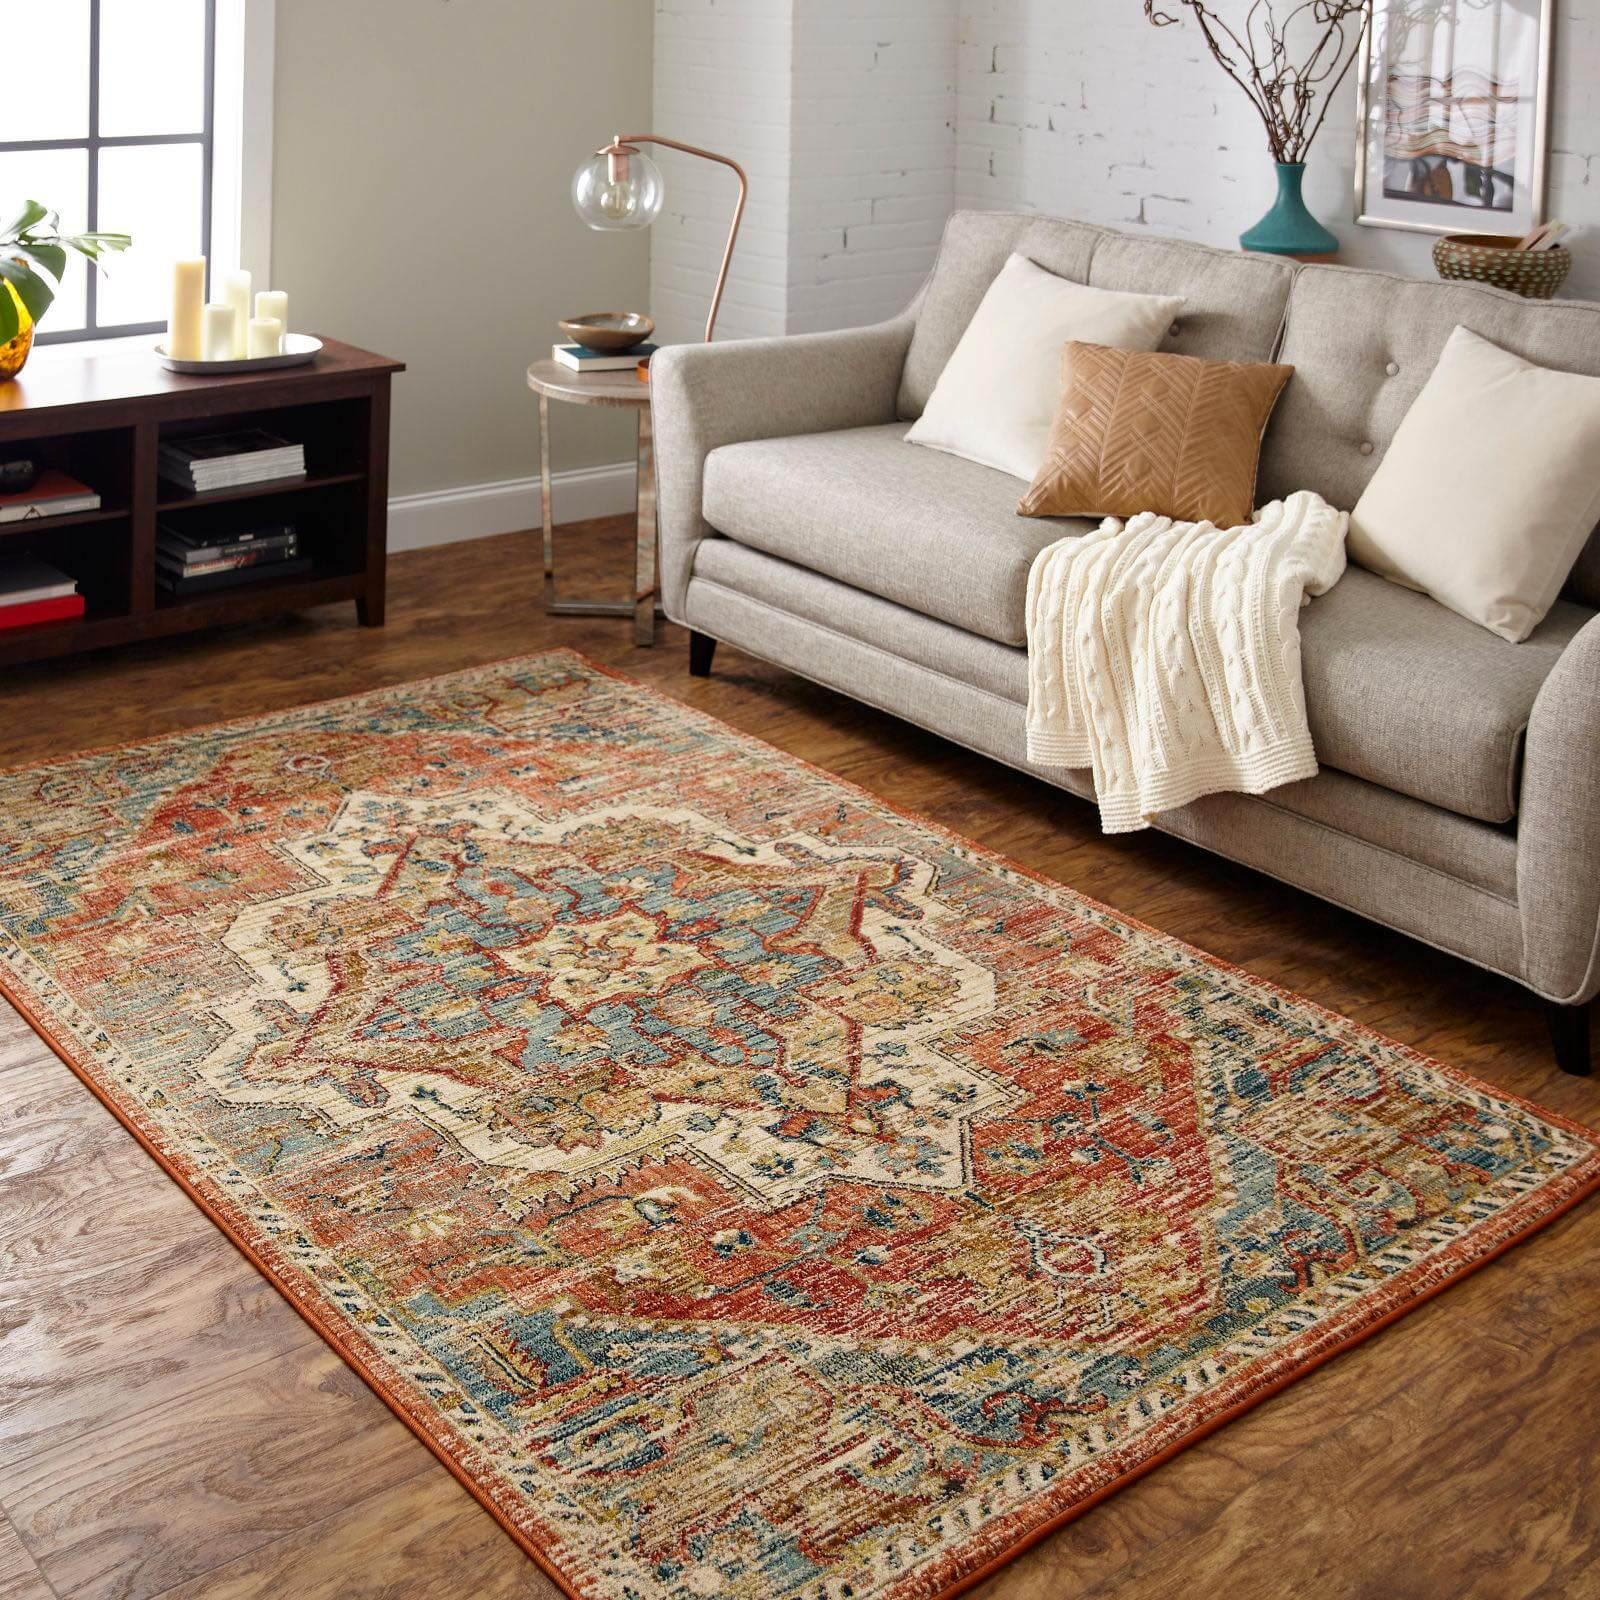 Karastan Area Rug | Wacky's Flooring